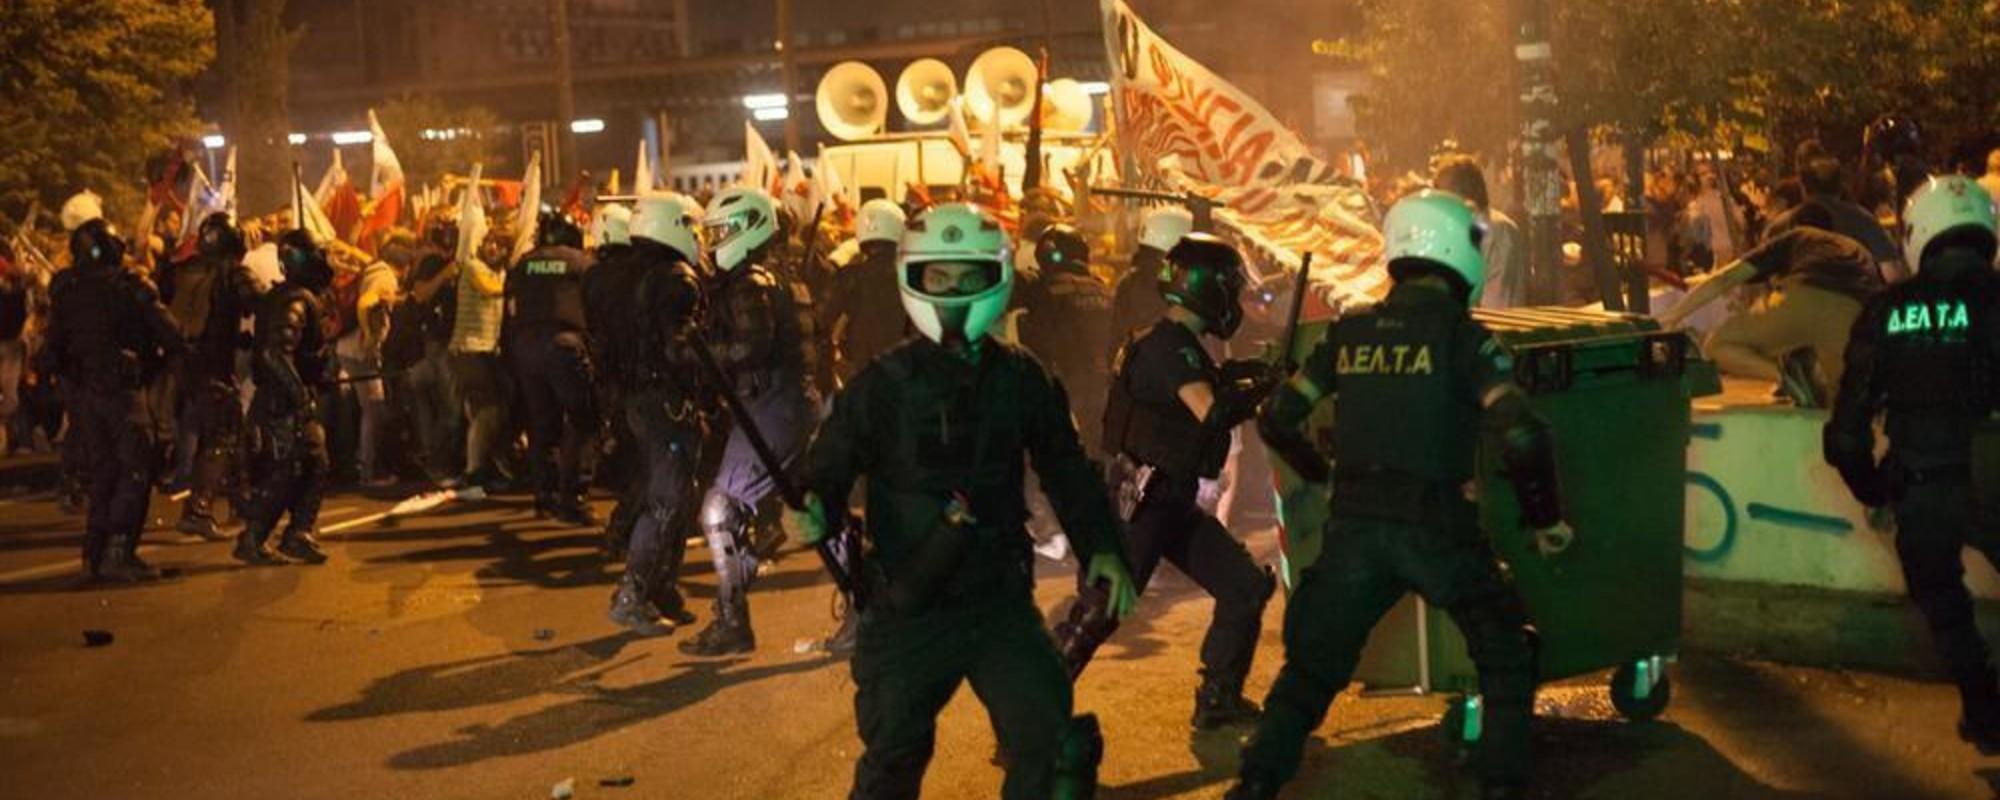 Oleada de protestas en Atenas previas a la votación sobre el rescate de Grecia